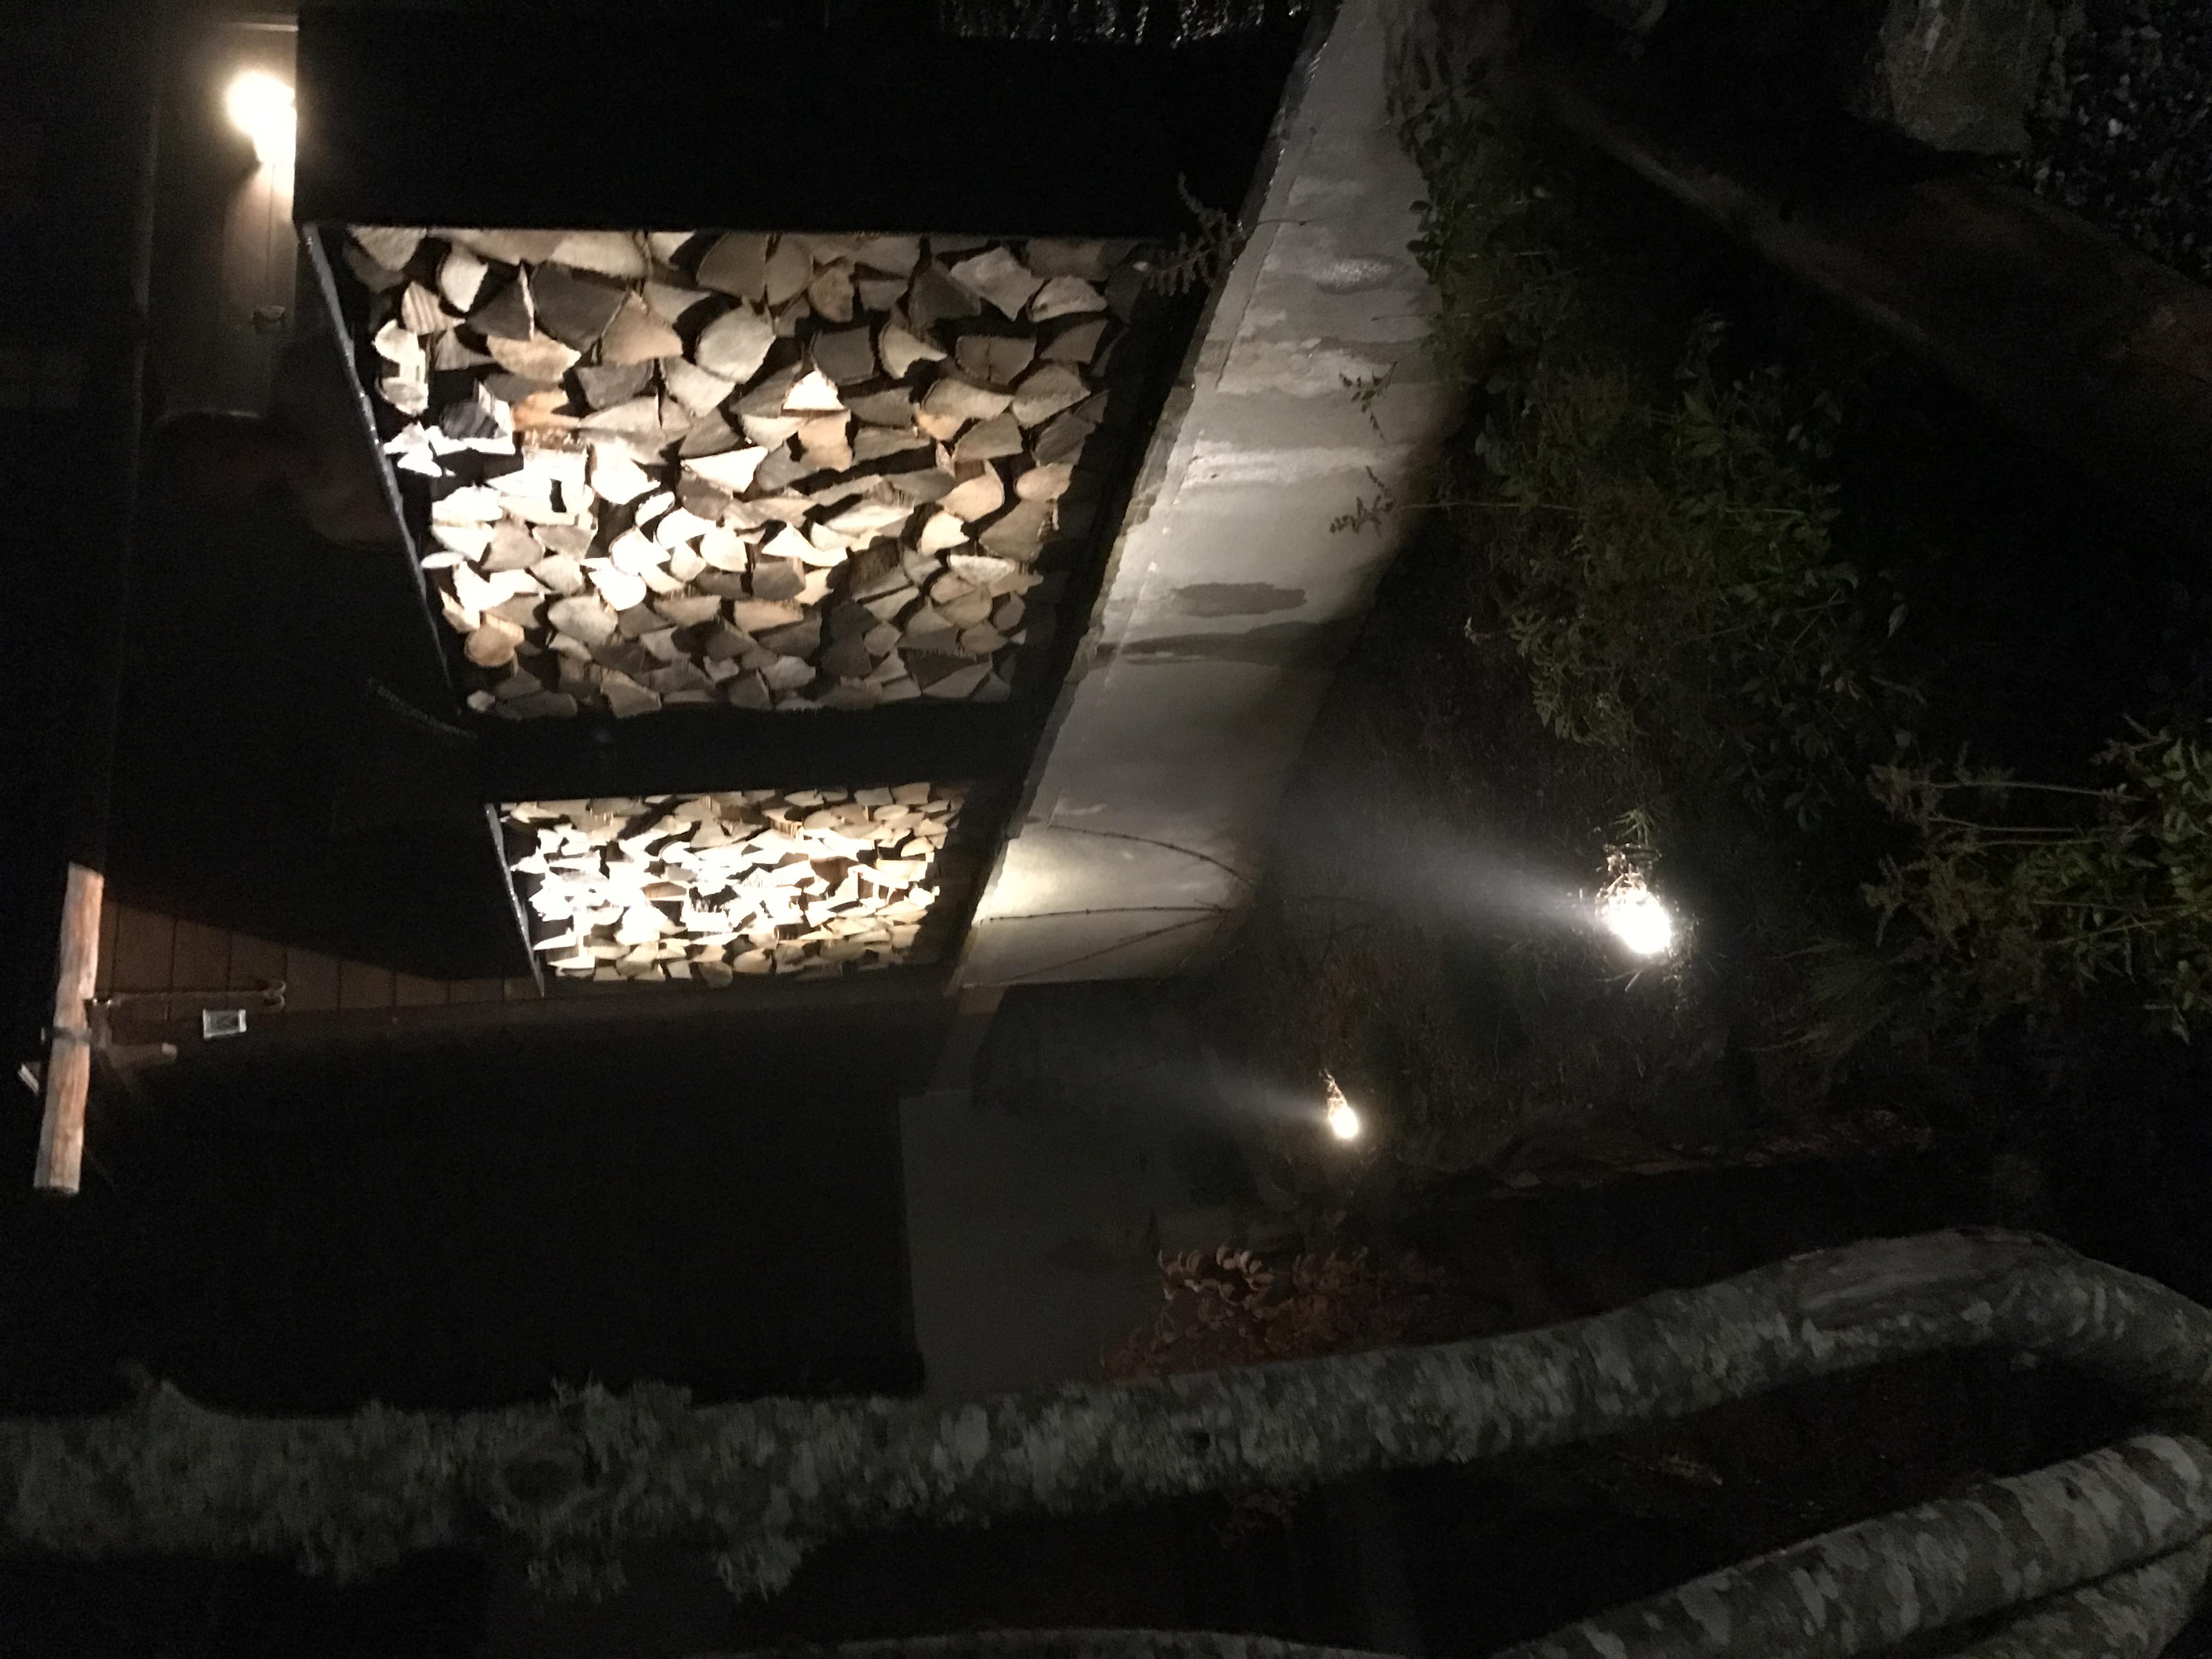 Eclairage extérieur avec spots led